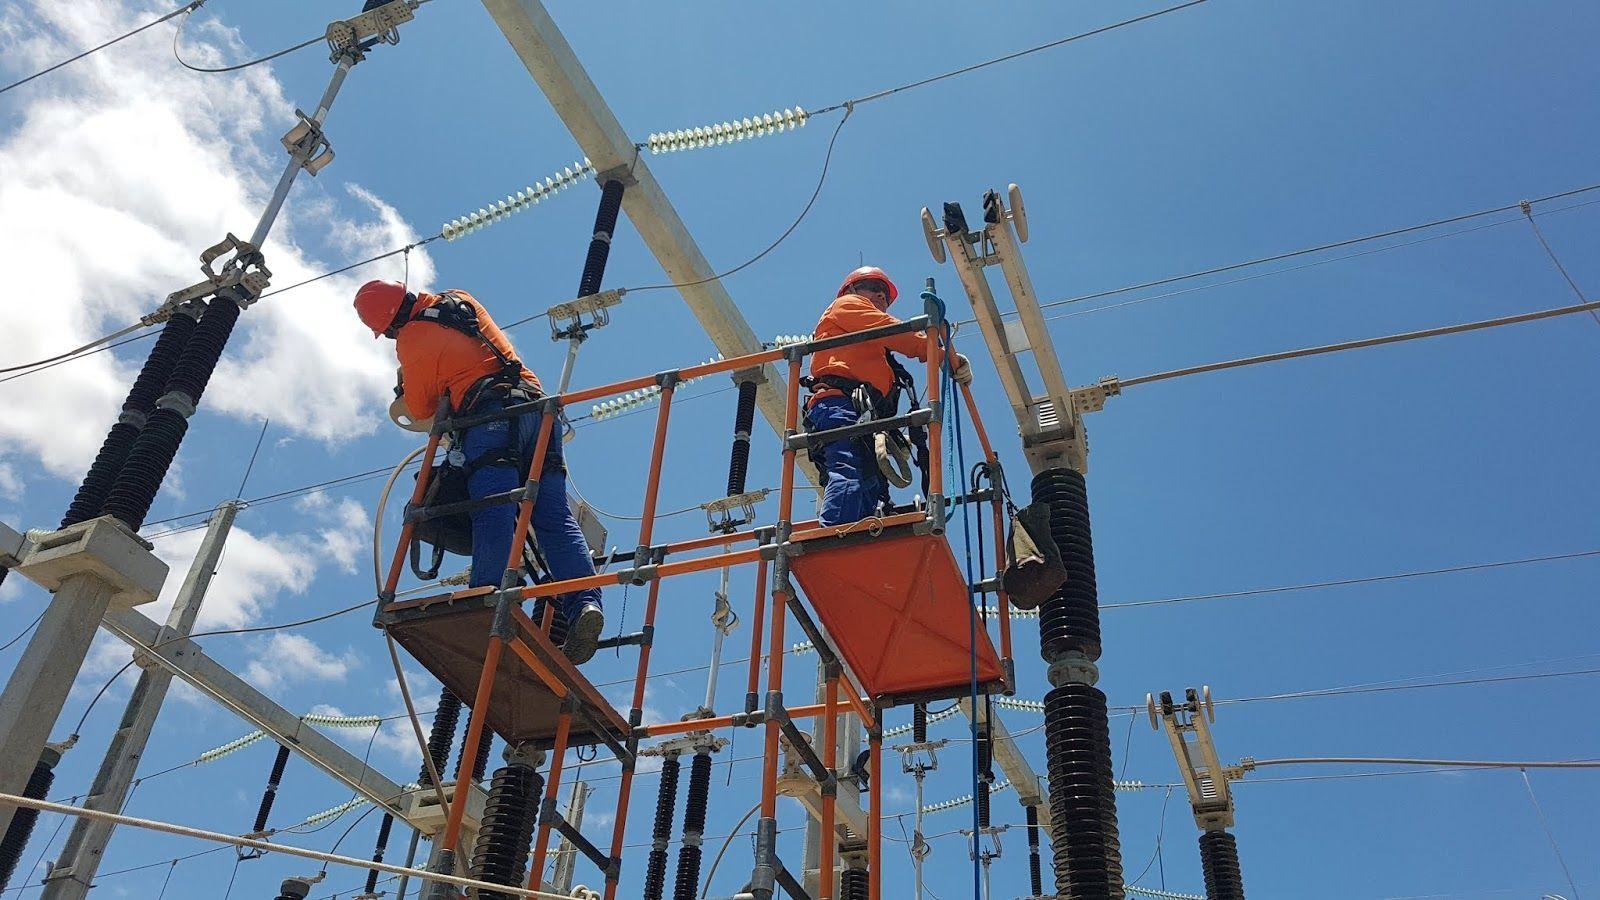 Vagas de emprego para eletricista, técnico, engenheiro, fiscal de obras e mais oportunidades abertas pela maior empresa privada de energia elétrica do Brasil